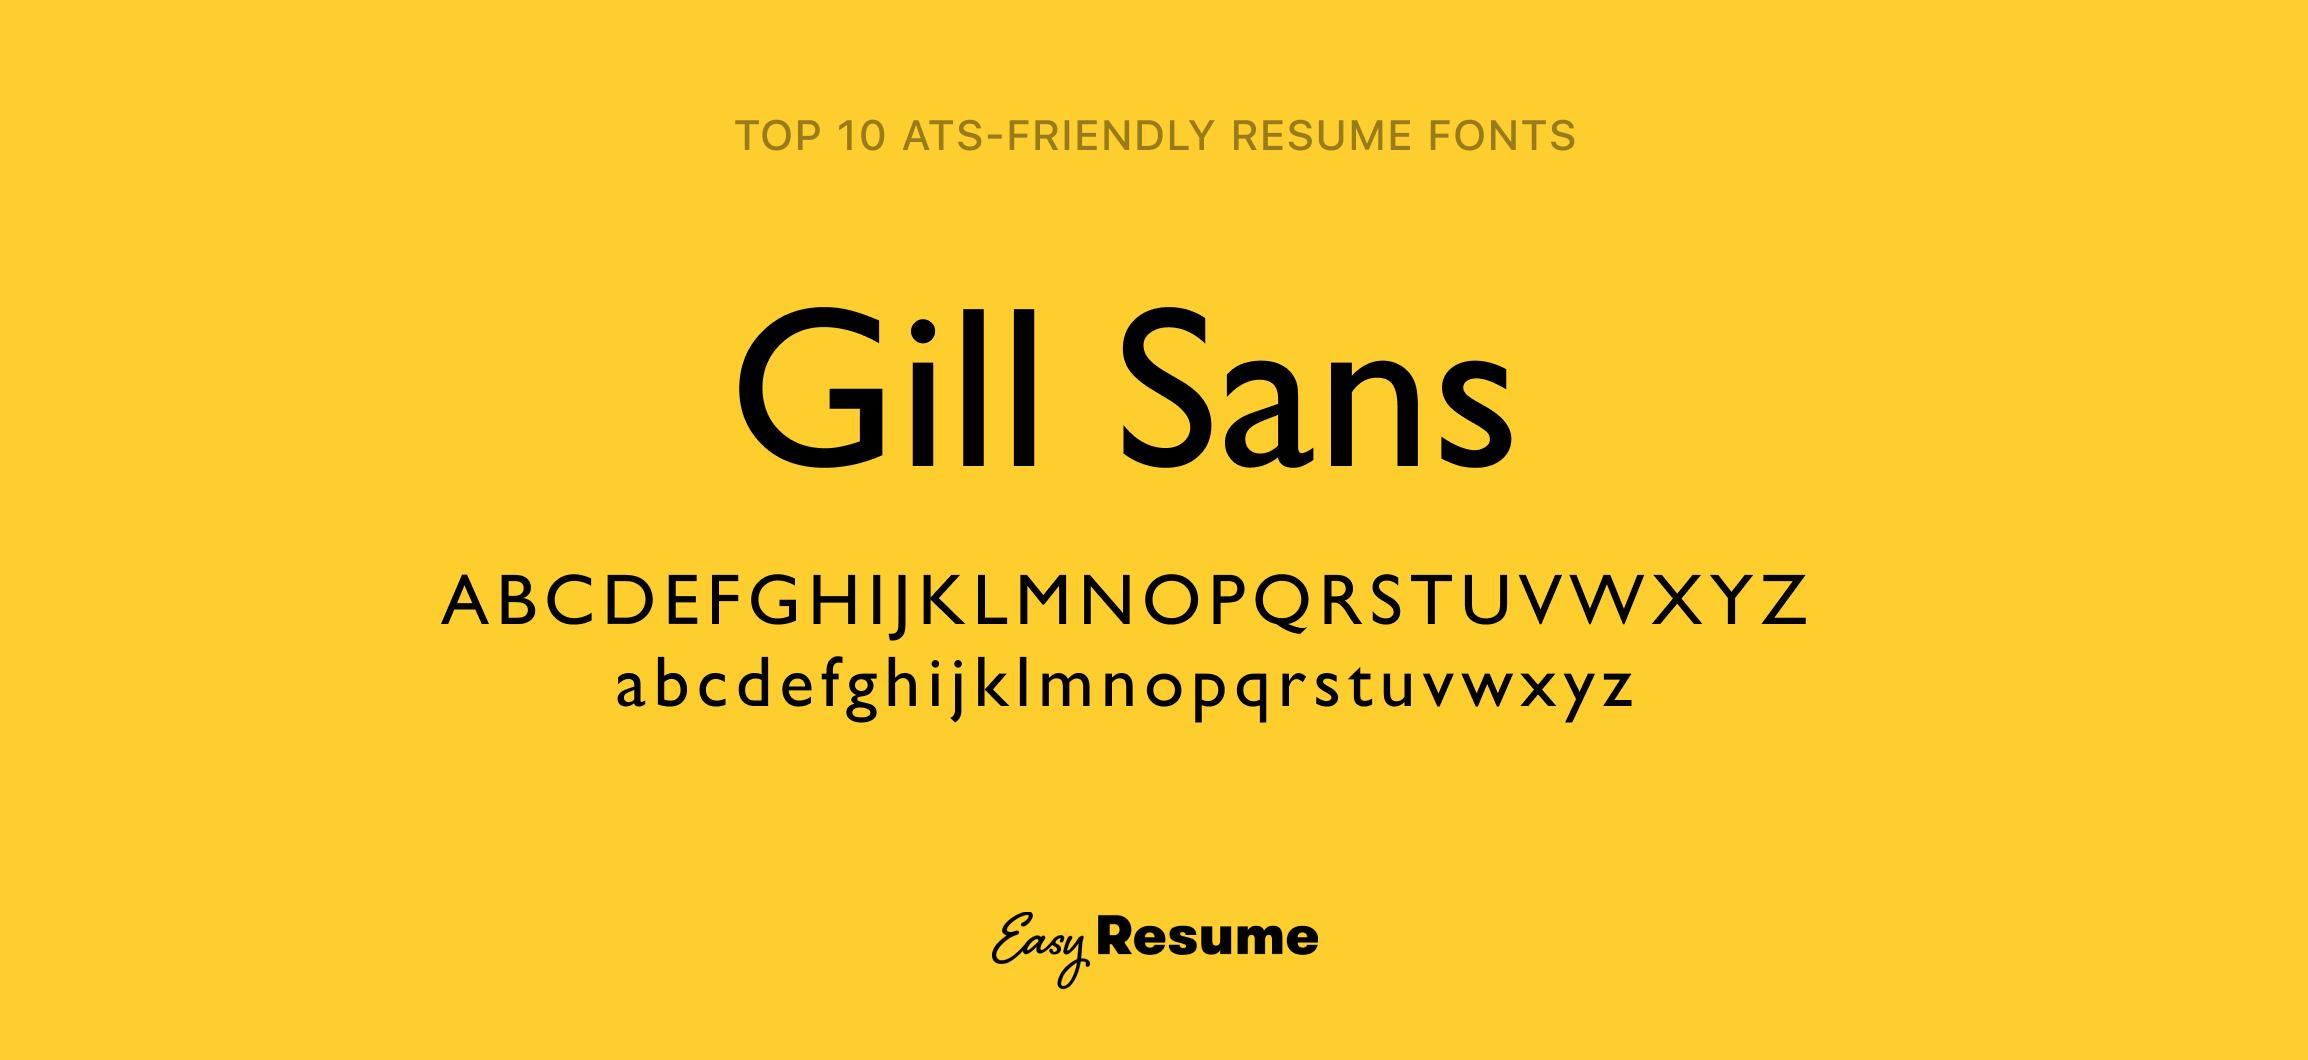 Gill Sans Resume Font